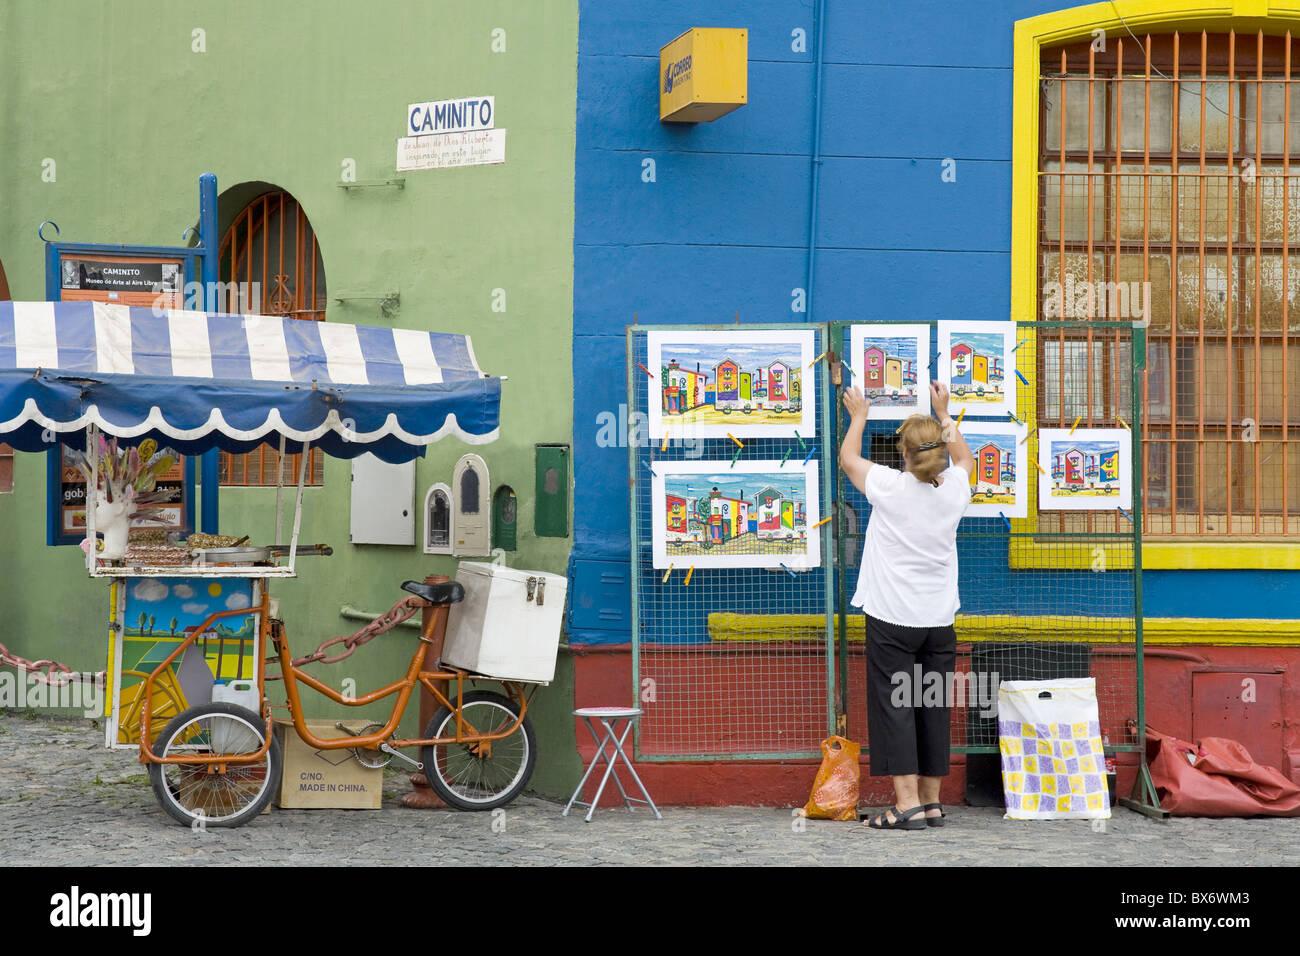 Sobre el proveedor la calle Caminito en La Boca, Barrio de la Ciudad de Buenos Aires, Argentina, Sudamérica Imagen De Stock